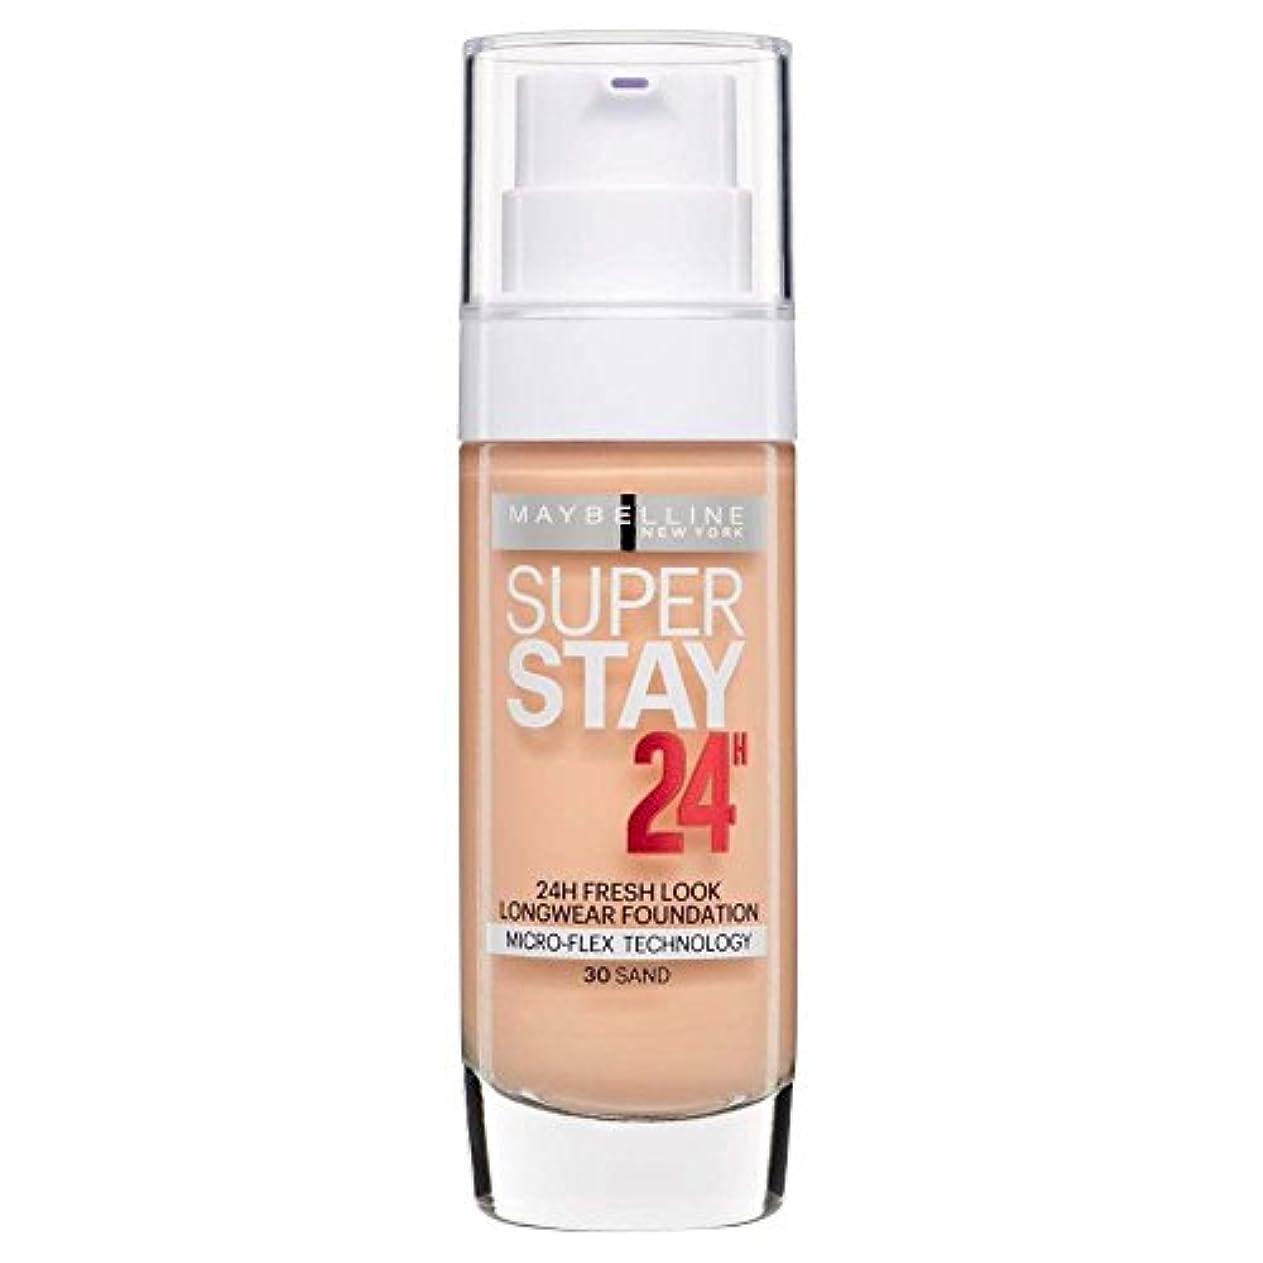 補助振動させるささいな2 x Maybelline Superstay 24H Fresh Look Longwear Foundation 30ml - 030 Sand